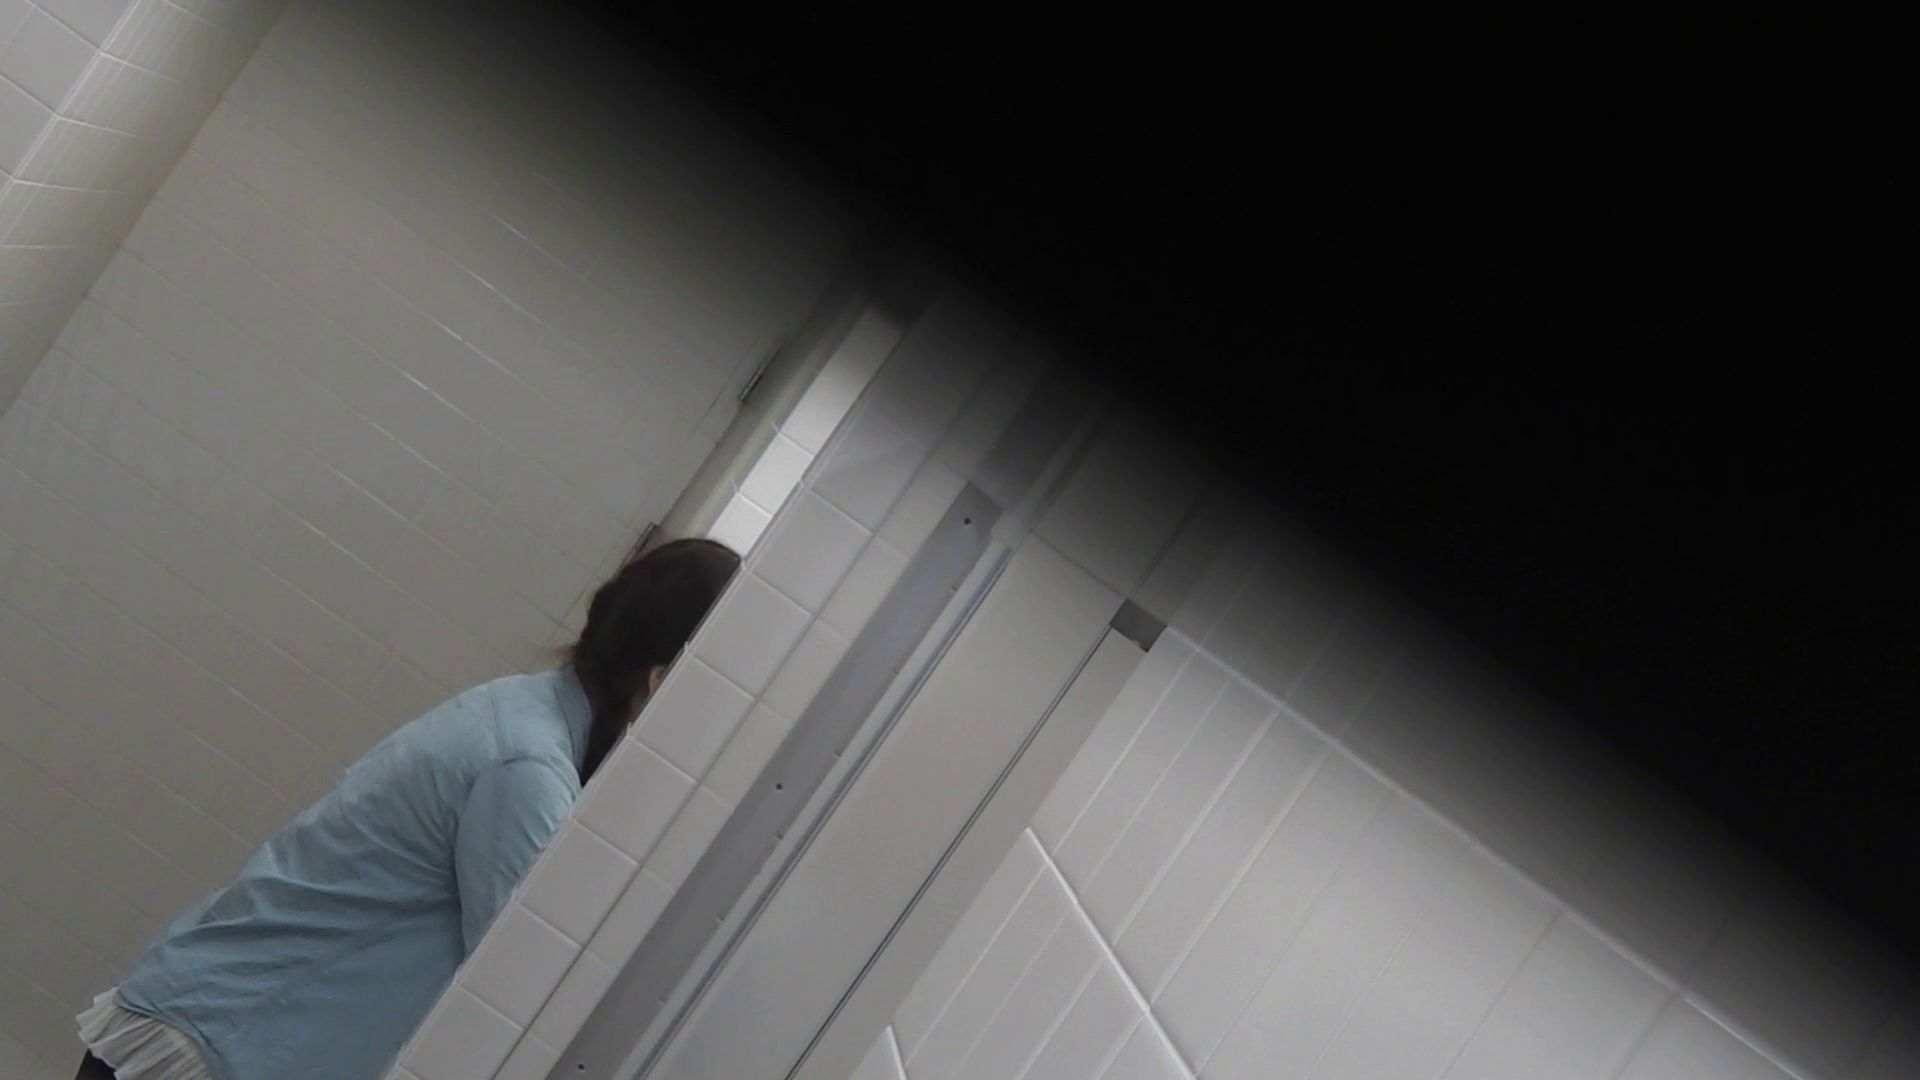 vol.08 命がけ潜伏洗面所! 黒ストッキングが流行りです。 潜入   OLエロ画像  92PICs 53